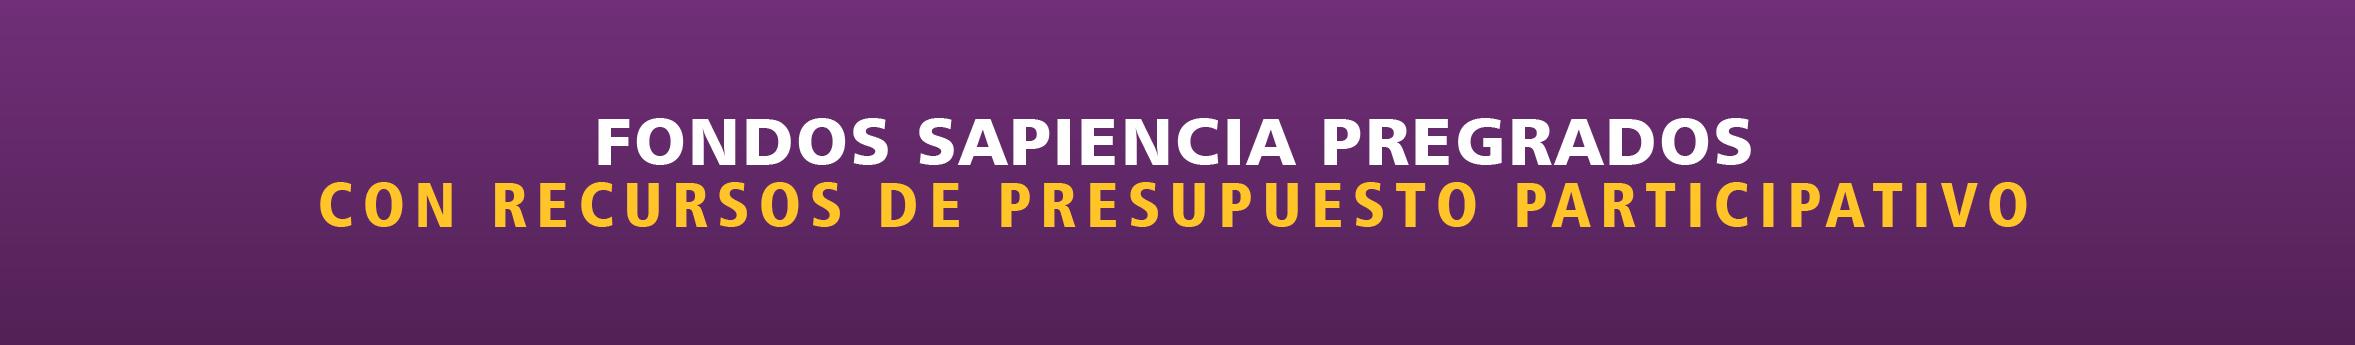 banner-fondo-sapiencia-pregrados-pp